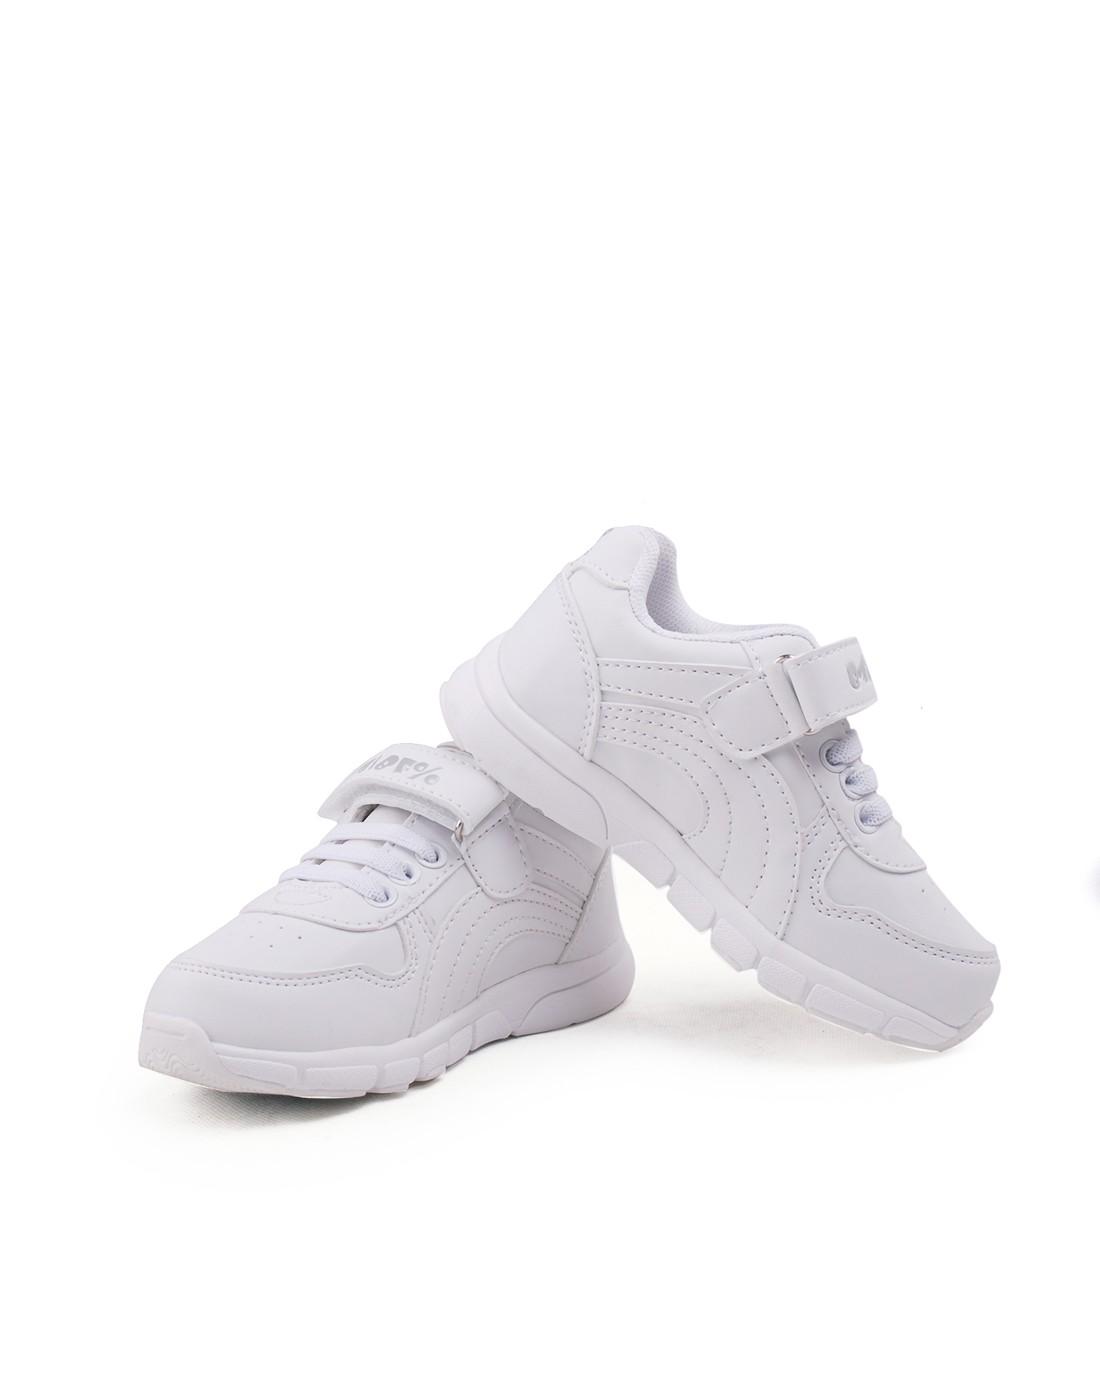 童鞋儿童白色运动鞋sd1314002